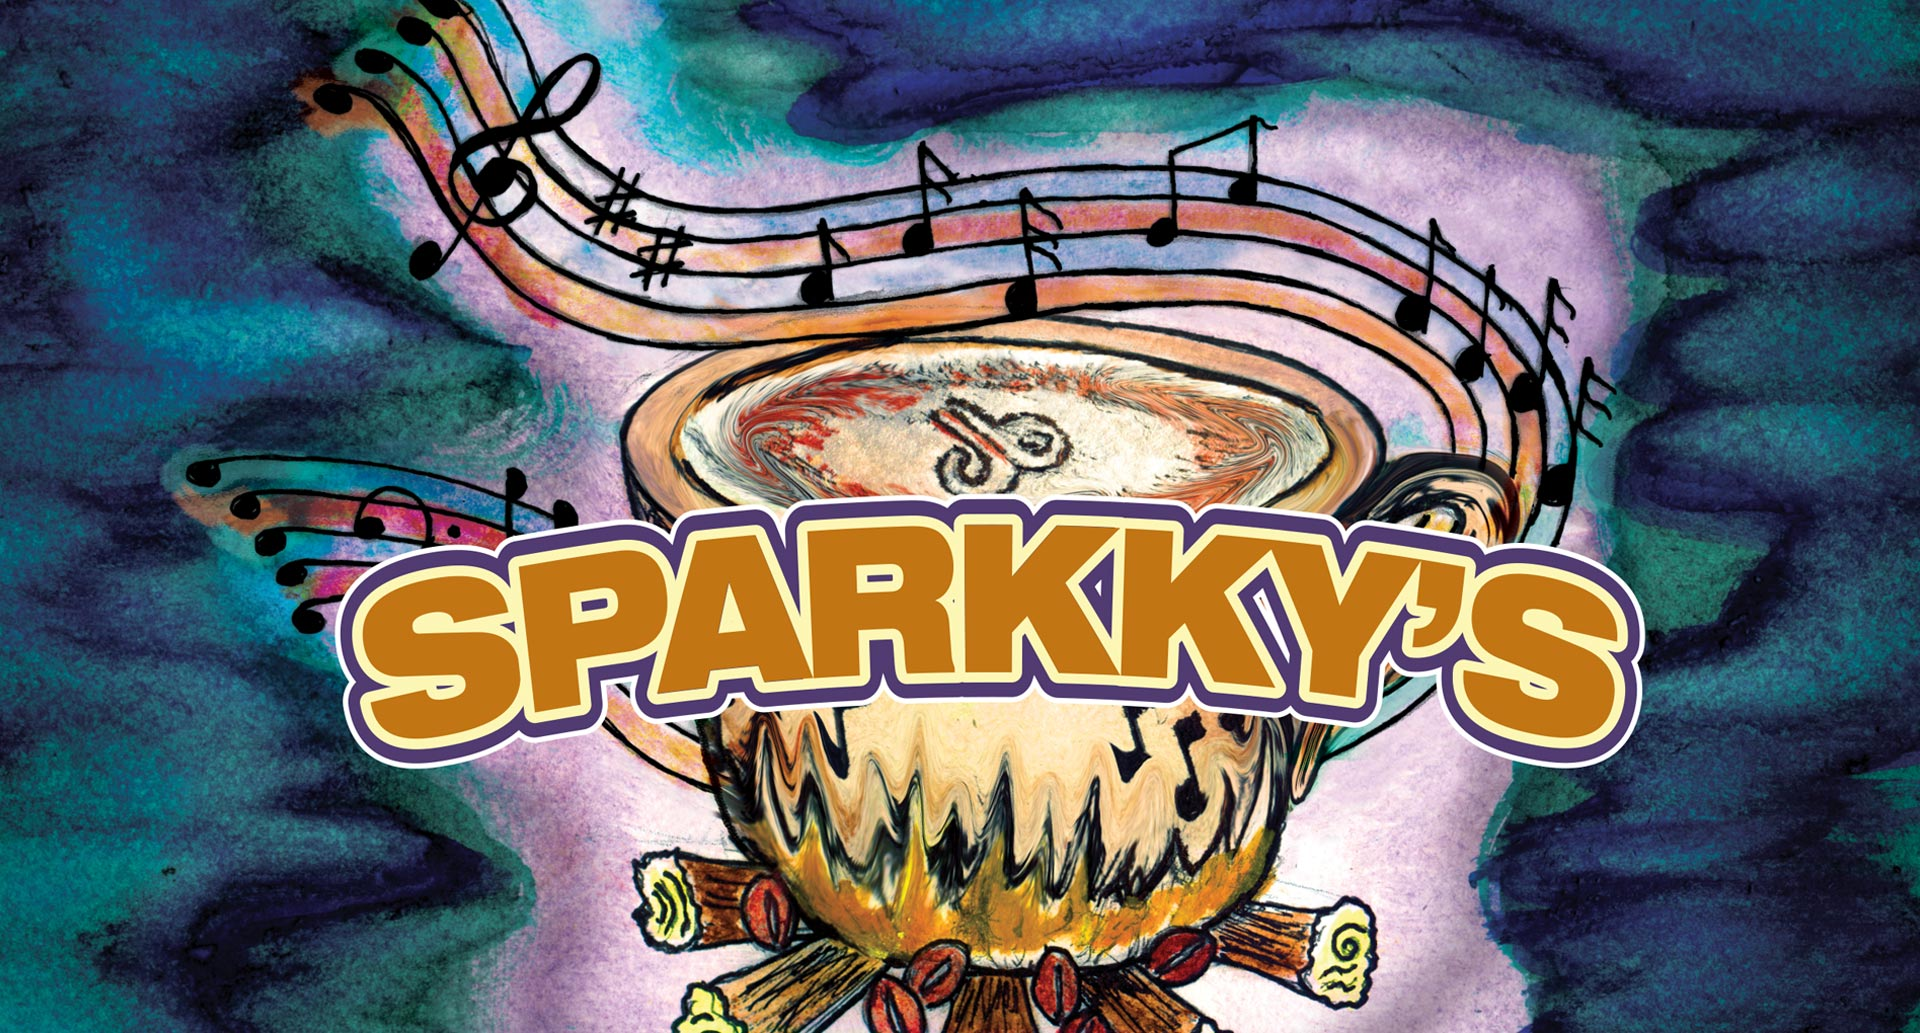 Sparkky's Coffee Chocolate Milk Stout